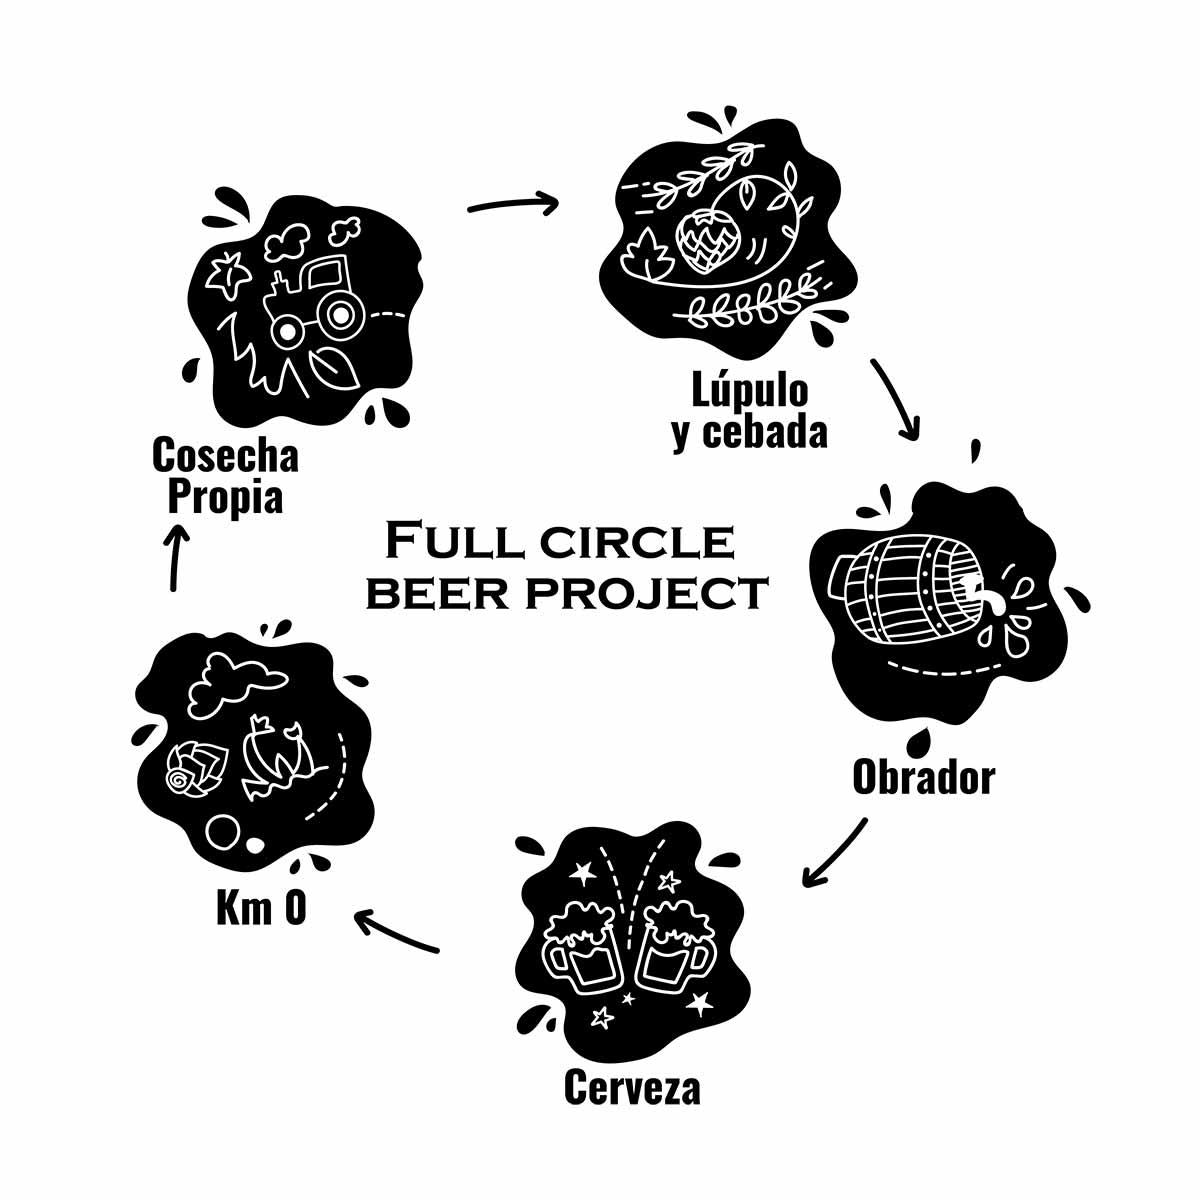 Ciclo 360 grados de fabricación de cerveza artesanal en Lo Vilot